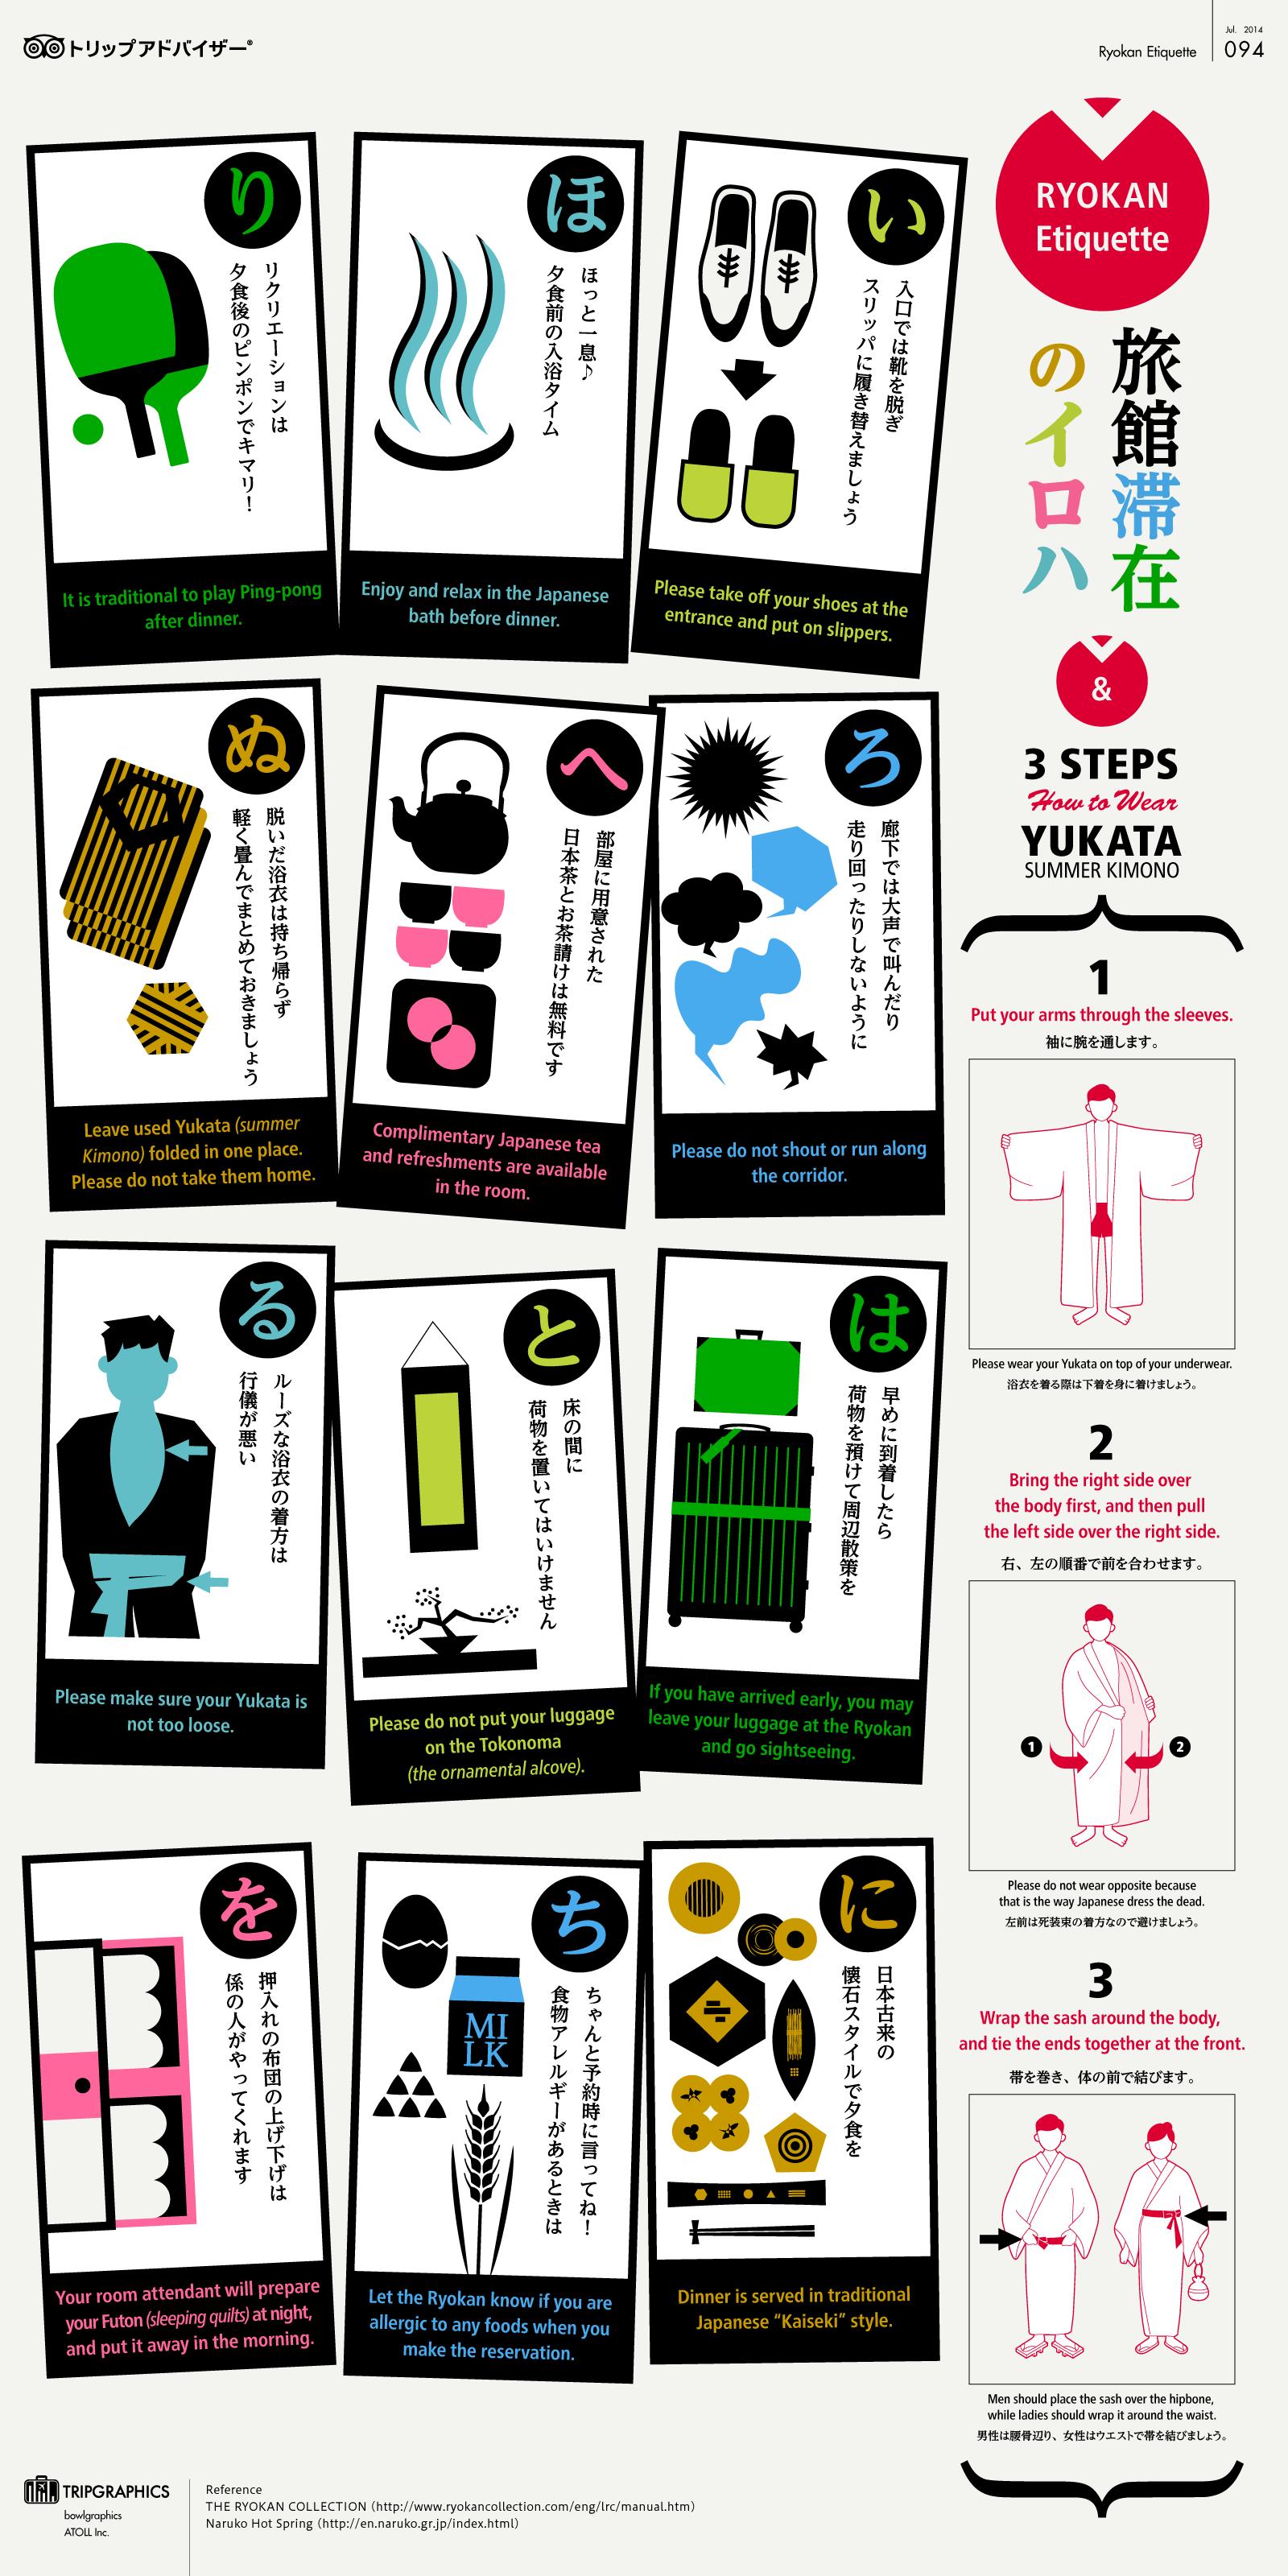 インフォグラフィック:ホテルと違う温泉旅館での宿泊マナー12選。浴衣と着物の違いは?